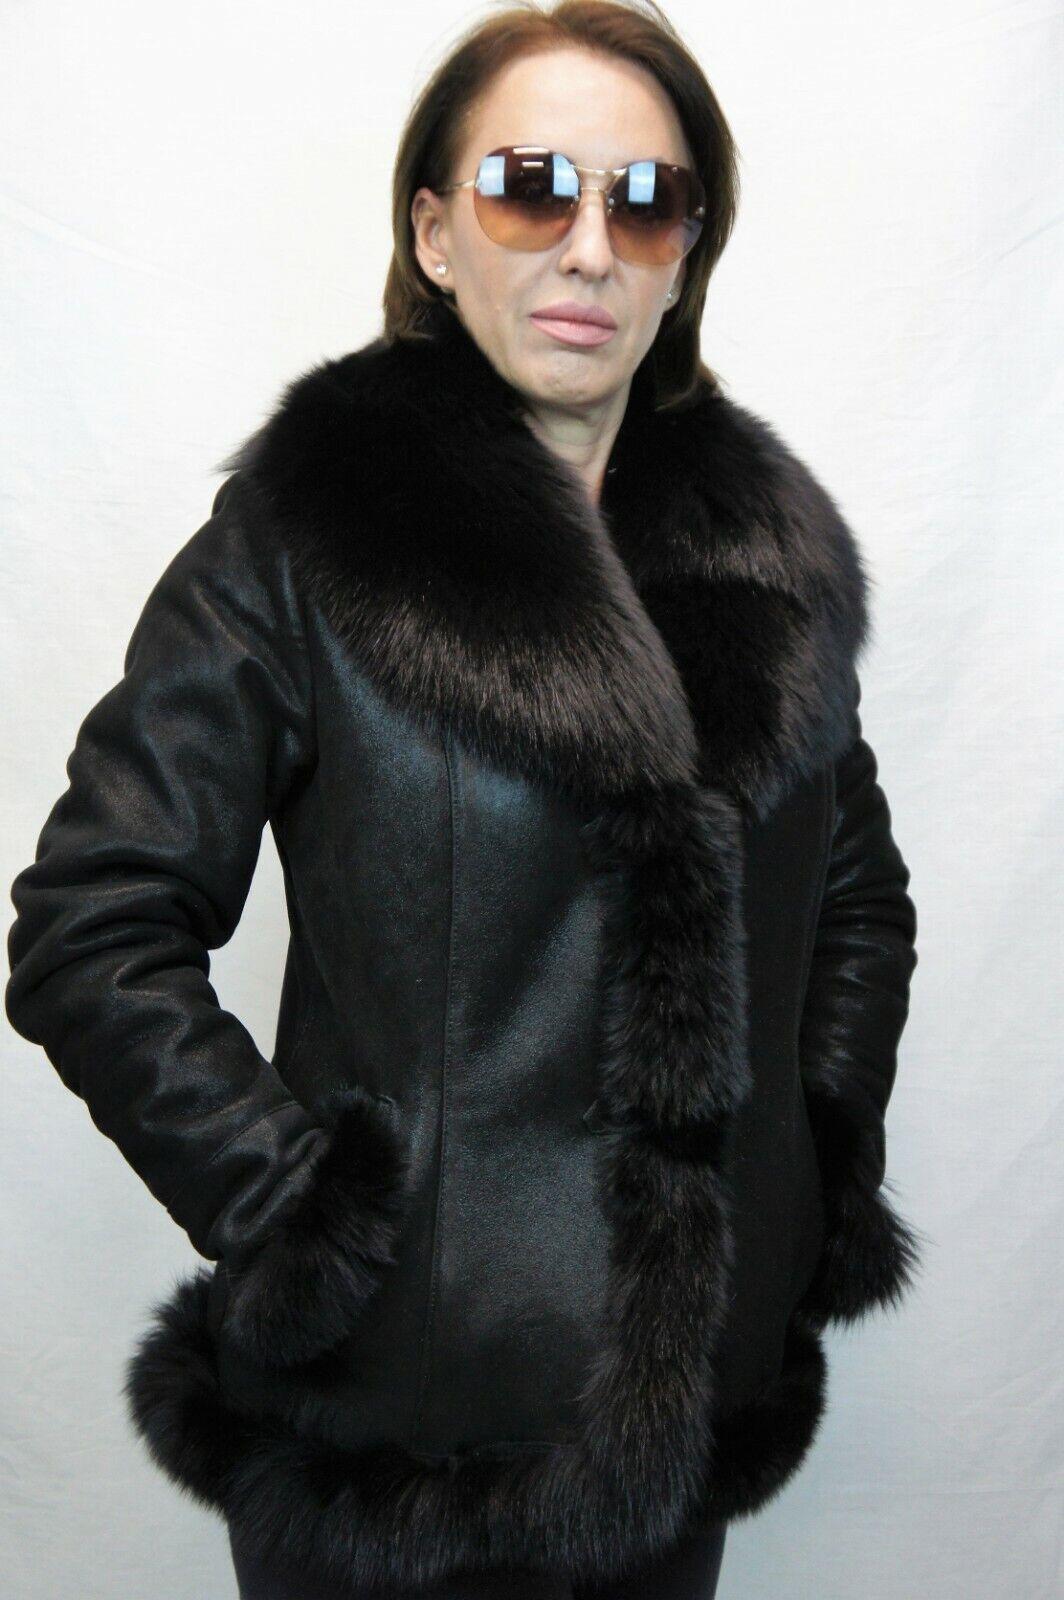 100% cuero de piel de oveja de  piel de oveja real, botones de Chaqueta de Abrigo de piel de zorro real XS-6XL  elige tu favorito